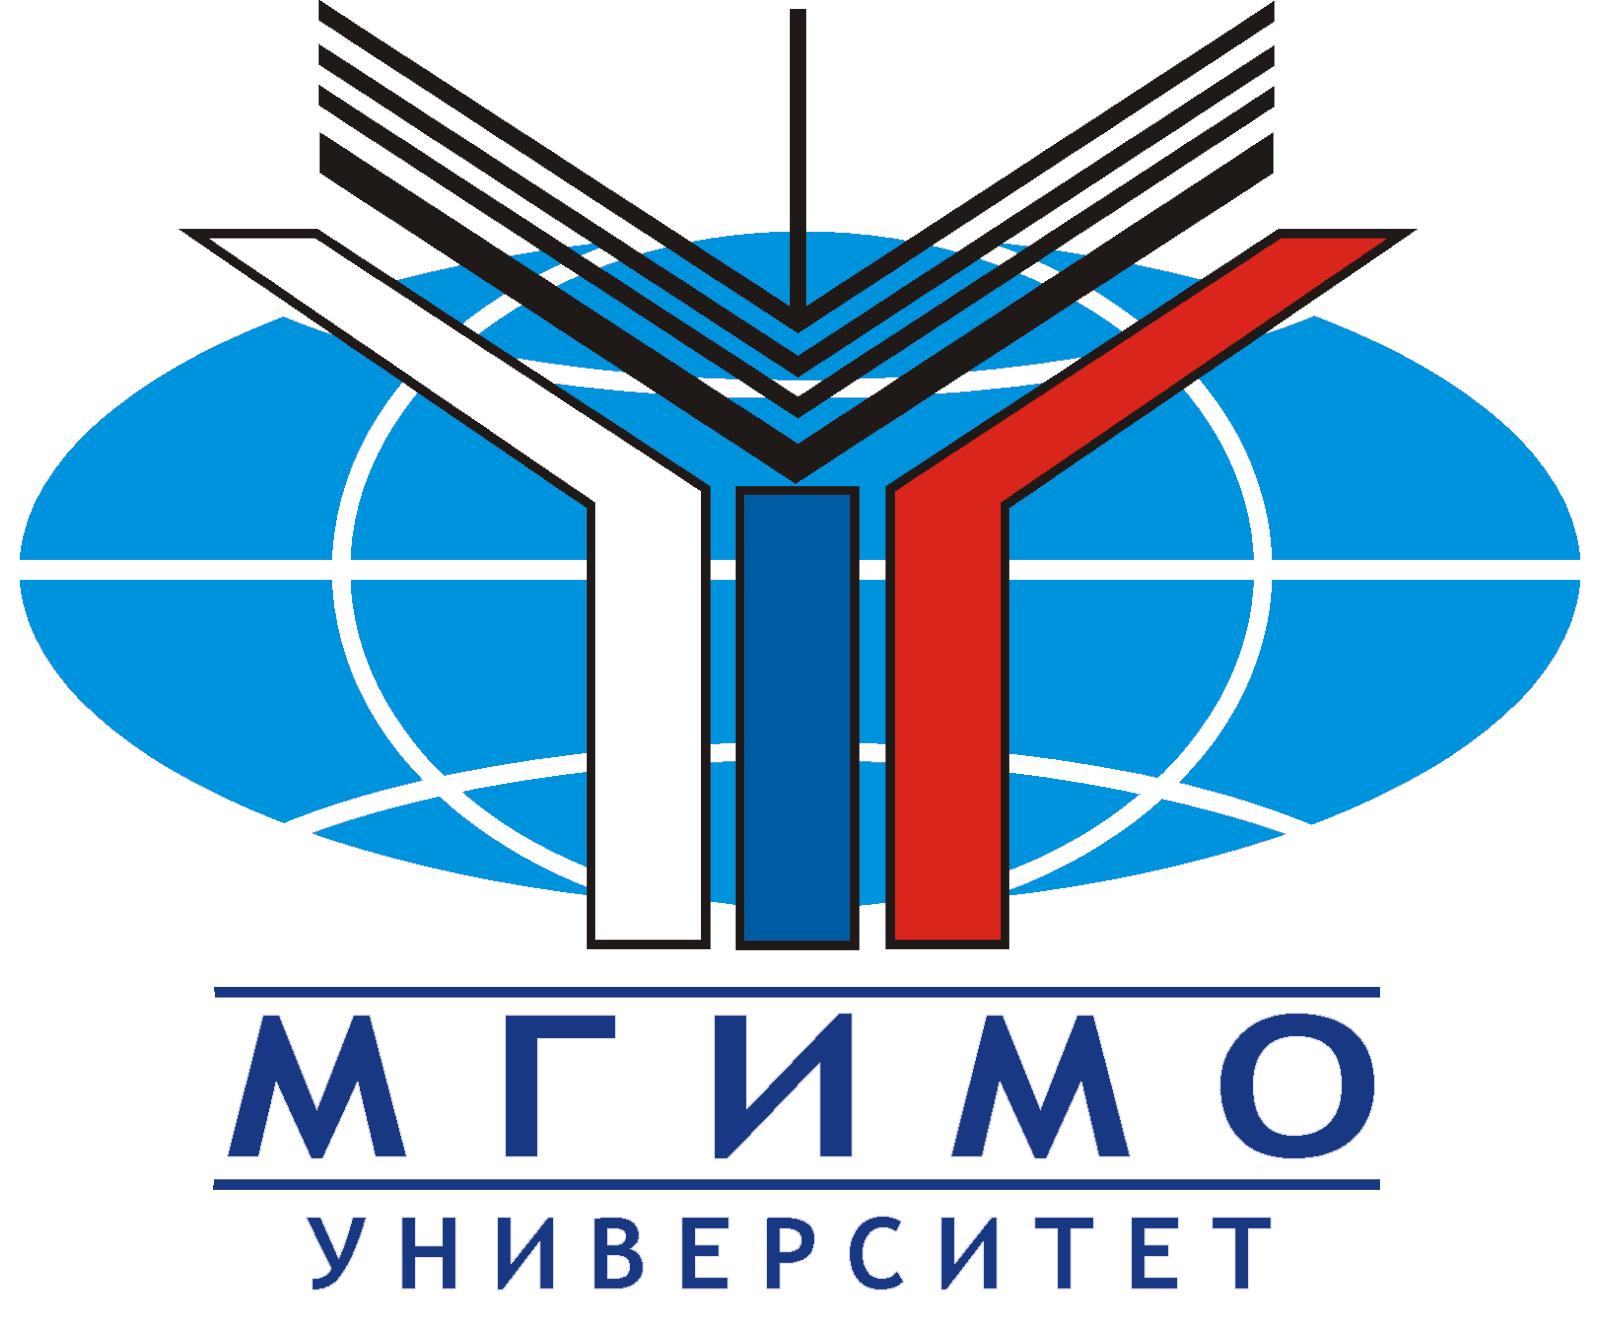 Стоимость обучения в МГИМО для российских и иностранных студентов